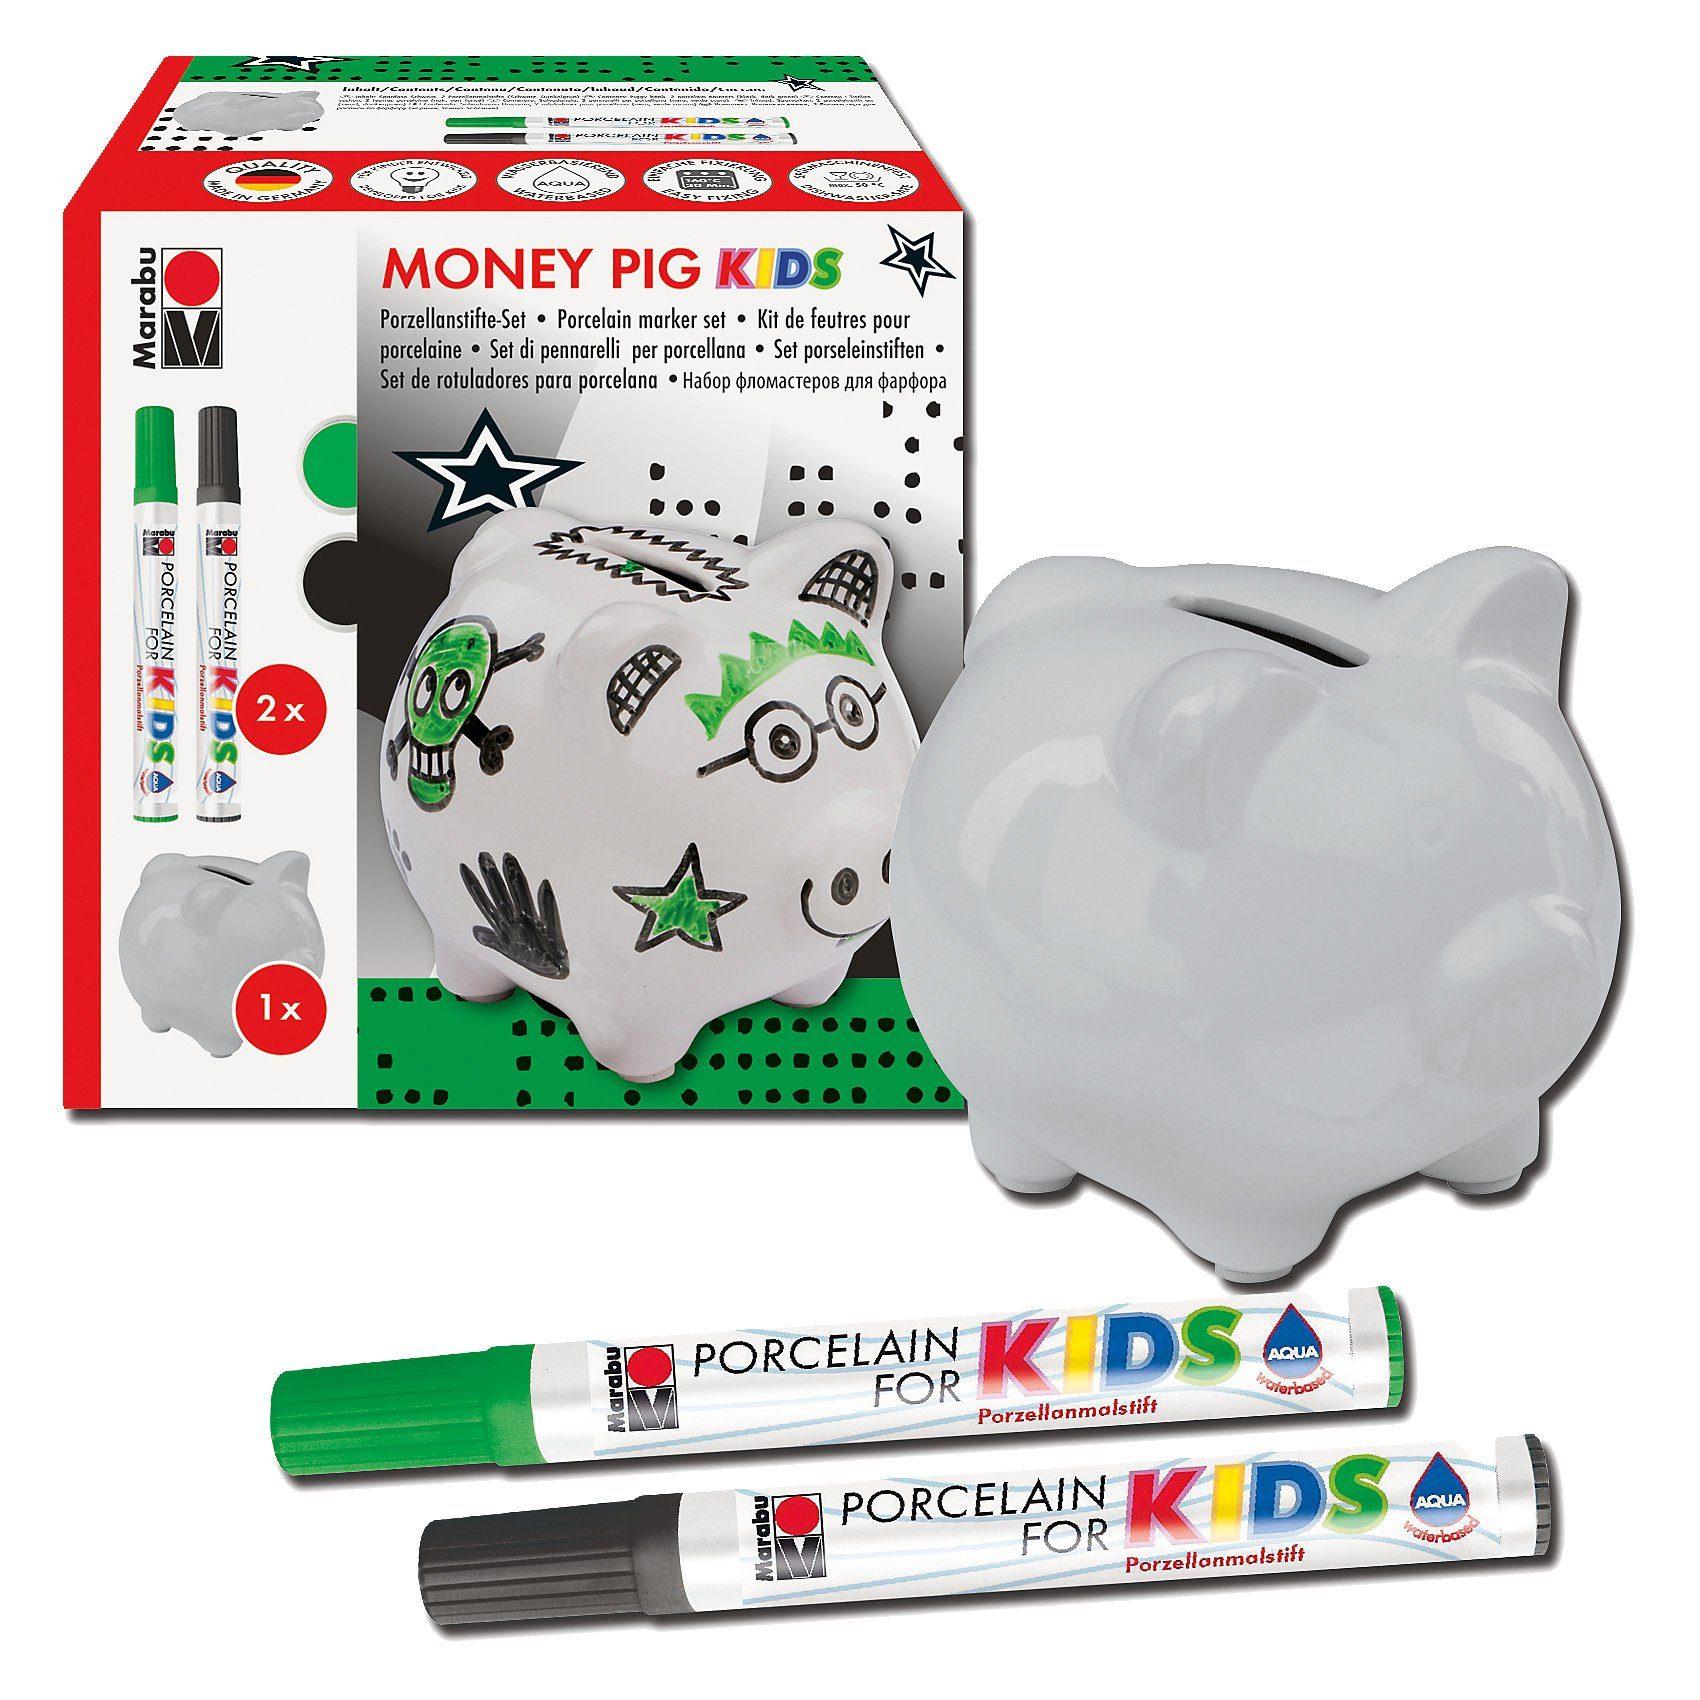 Marabu Porcelain For Kids Set Spardose Money Pig